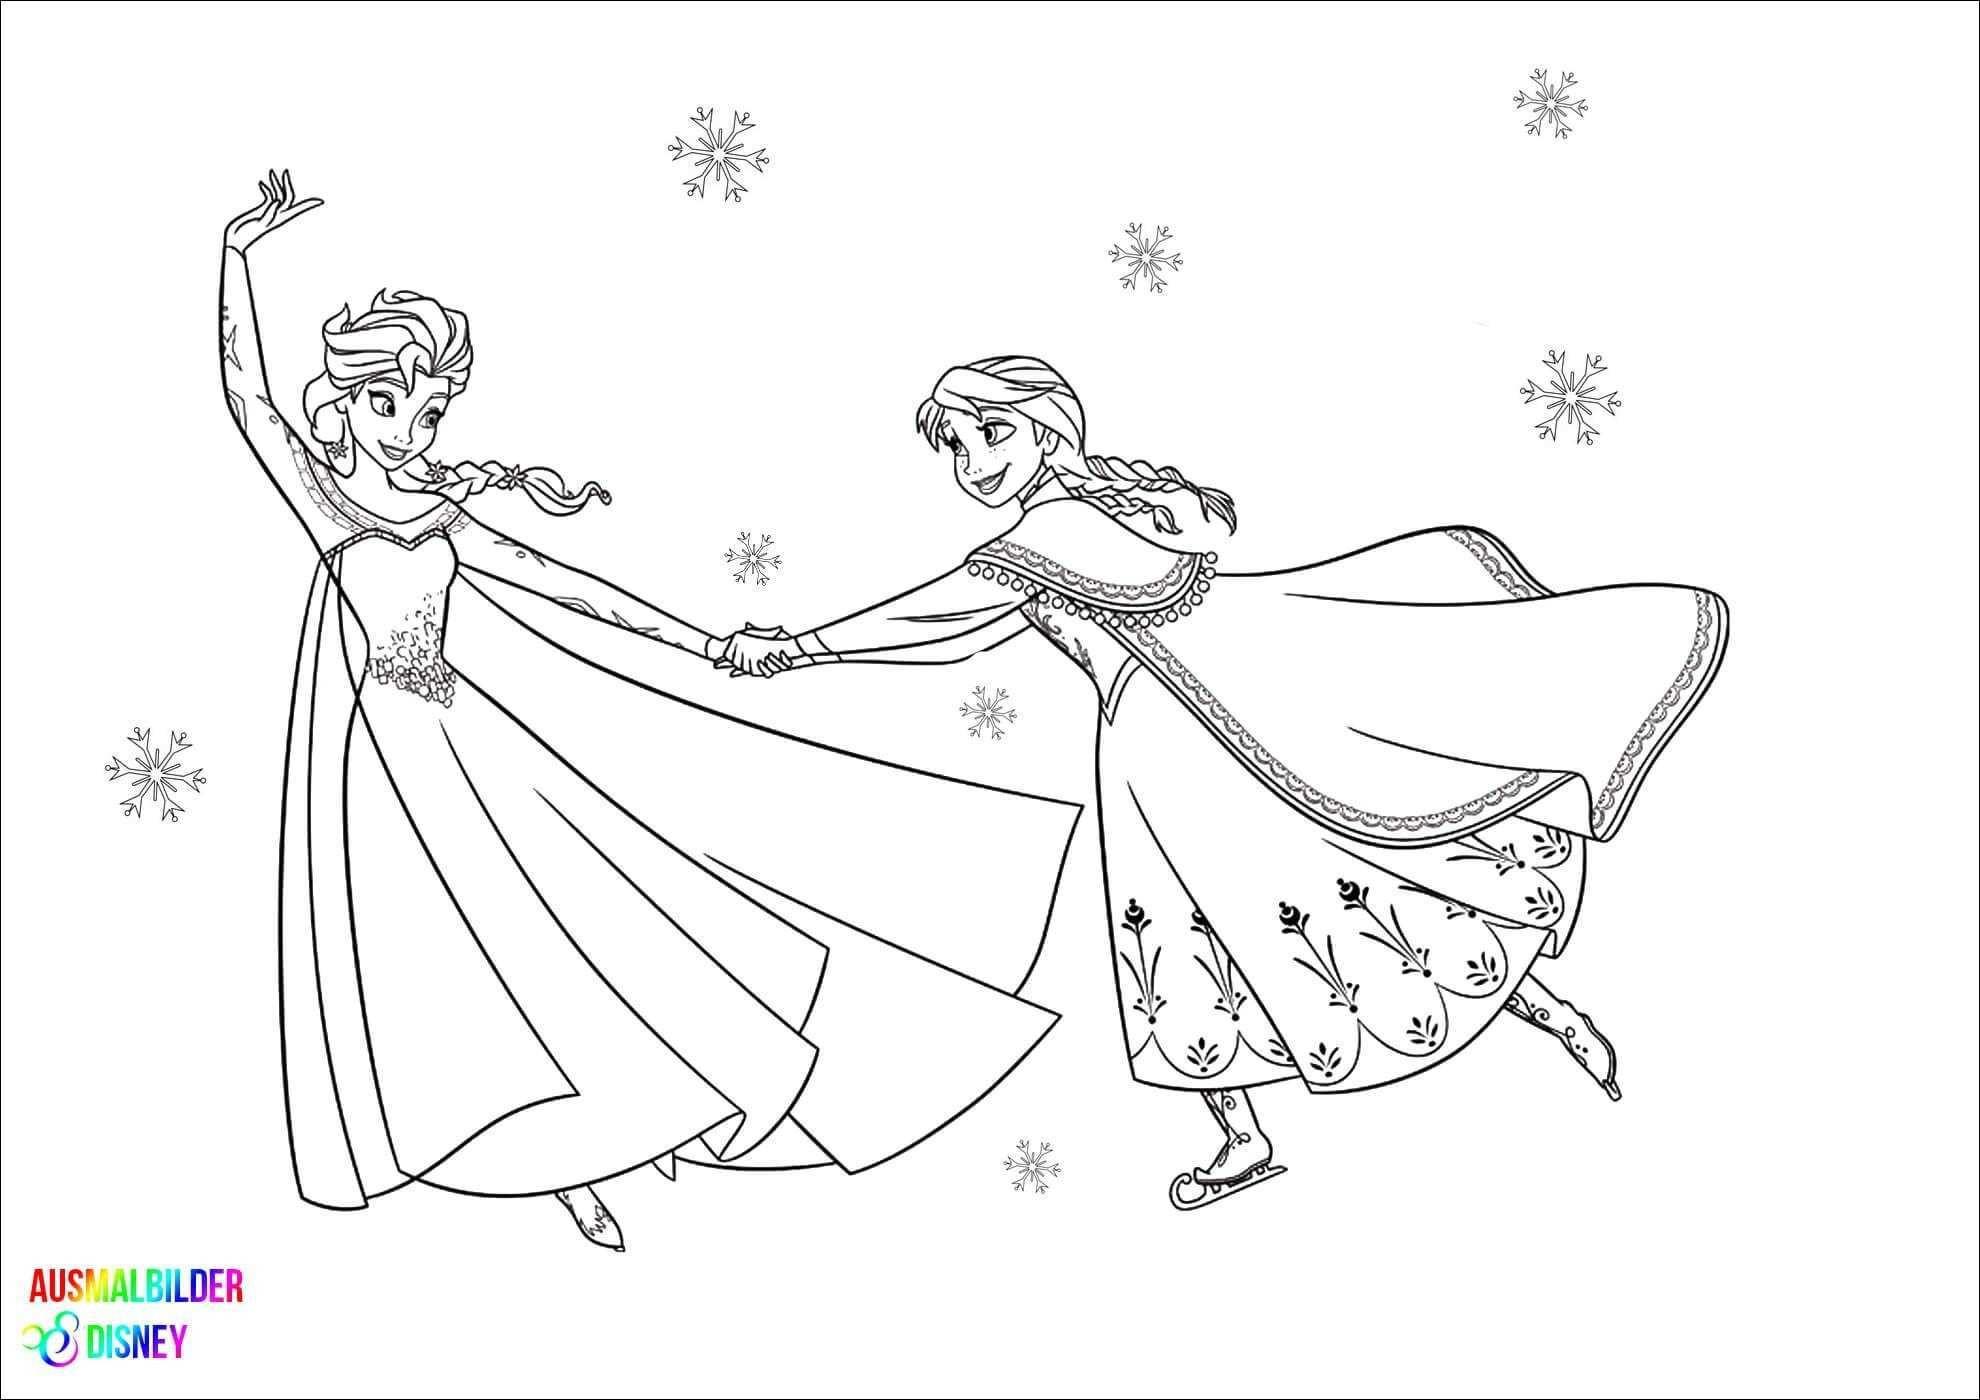 Malvorlagen Anna Und Elsa Frisch Elsa Anna Ausmalbild Bild 40 Frozen Elsa Malvorlagen Scoredatscore Galerie